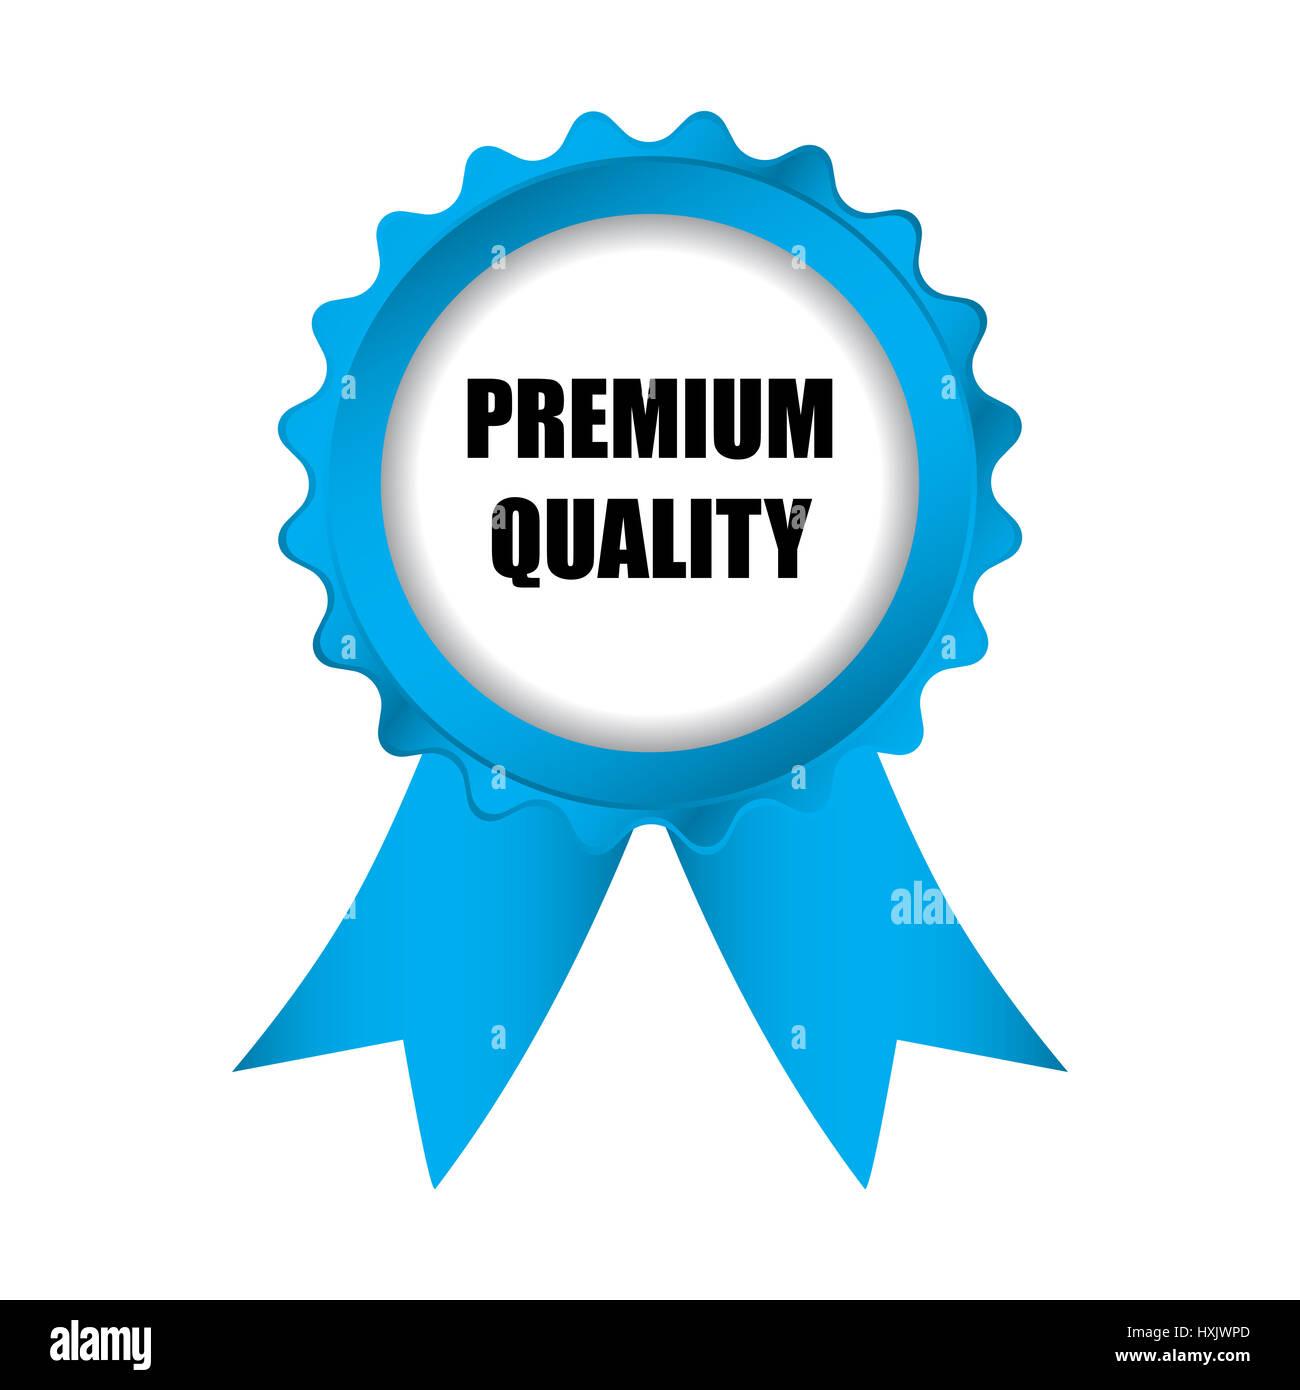 Calidad premium con insignia azul especial con cintas, ilustración vectorial EPS10 Imagen De Stock